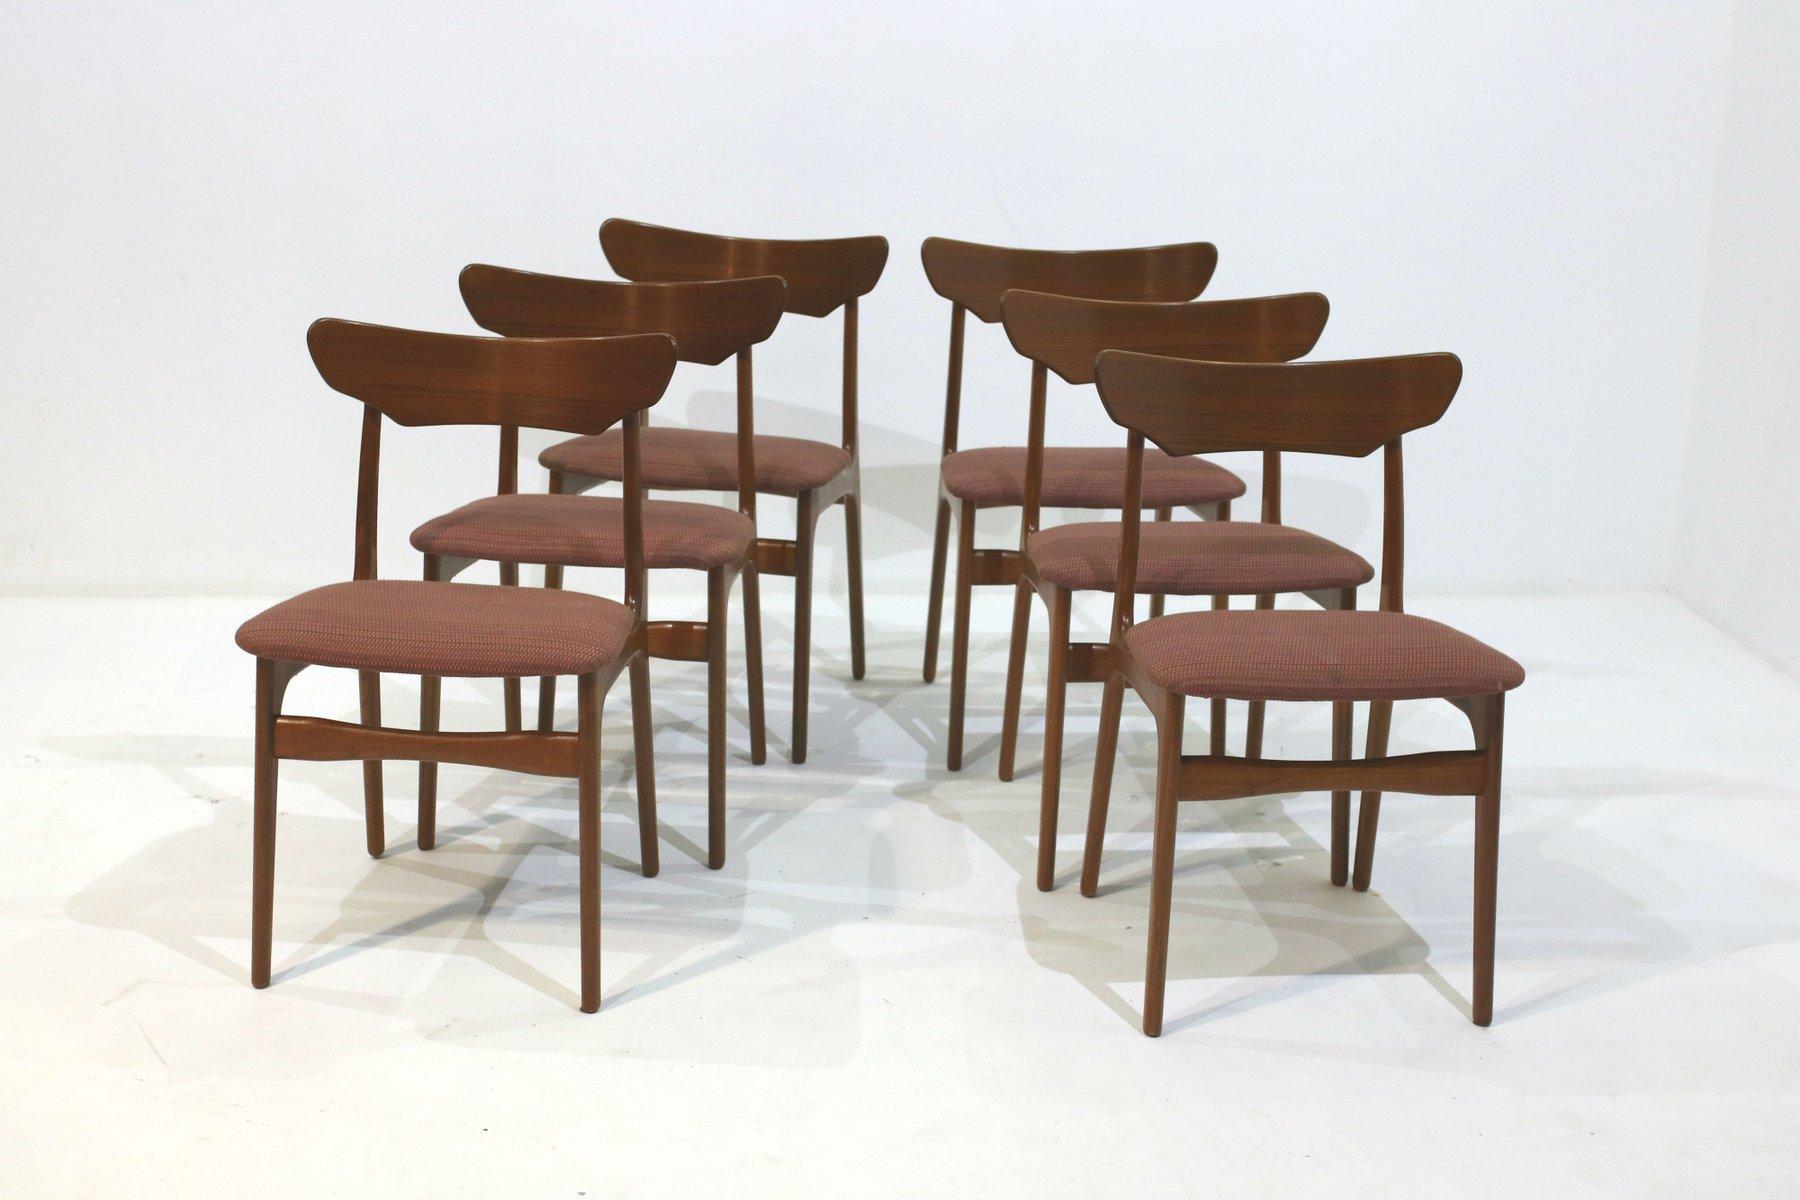 esszimmerst hle von schi nning elgaard 1960er 6er set. Black Bedroom Furniture Sets. Home Design Ideas